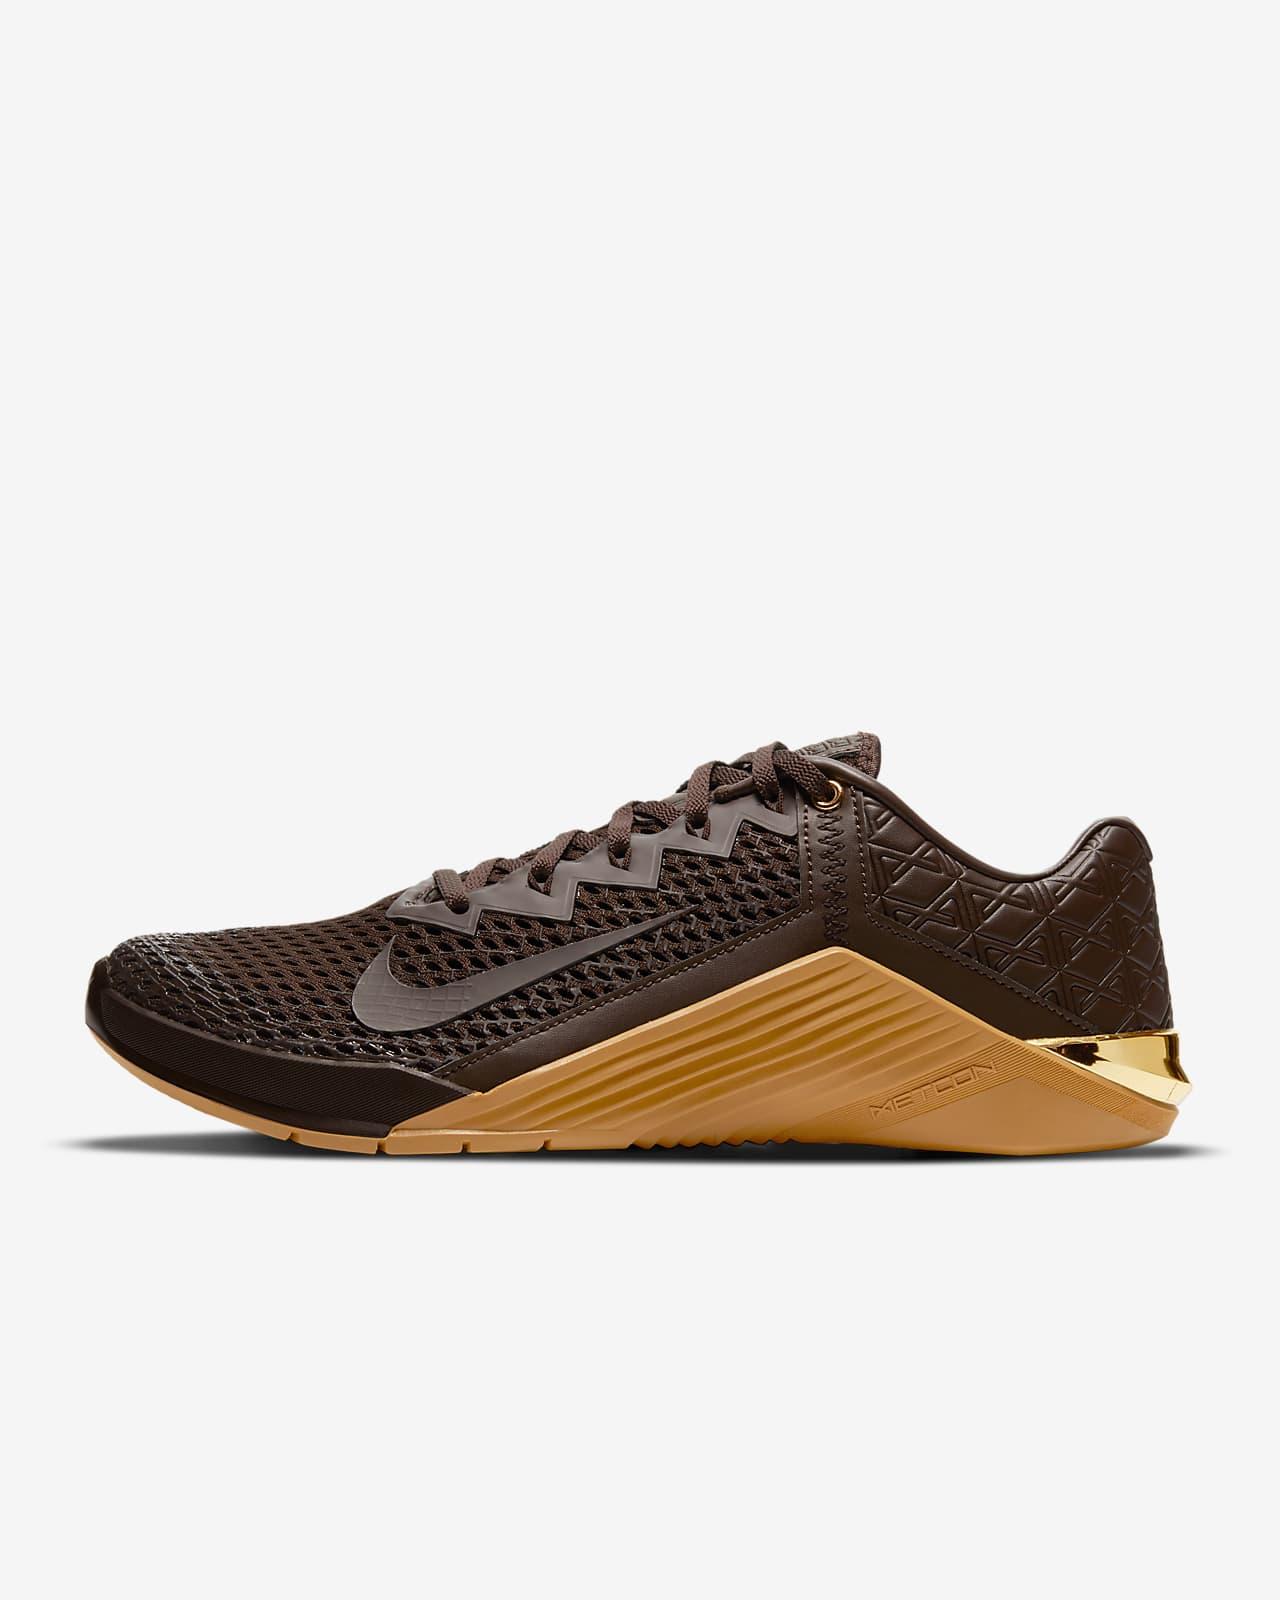 Calzado de entrenamiento Nike Metcon 6 Premium